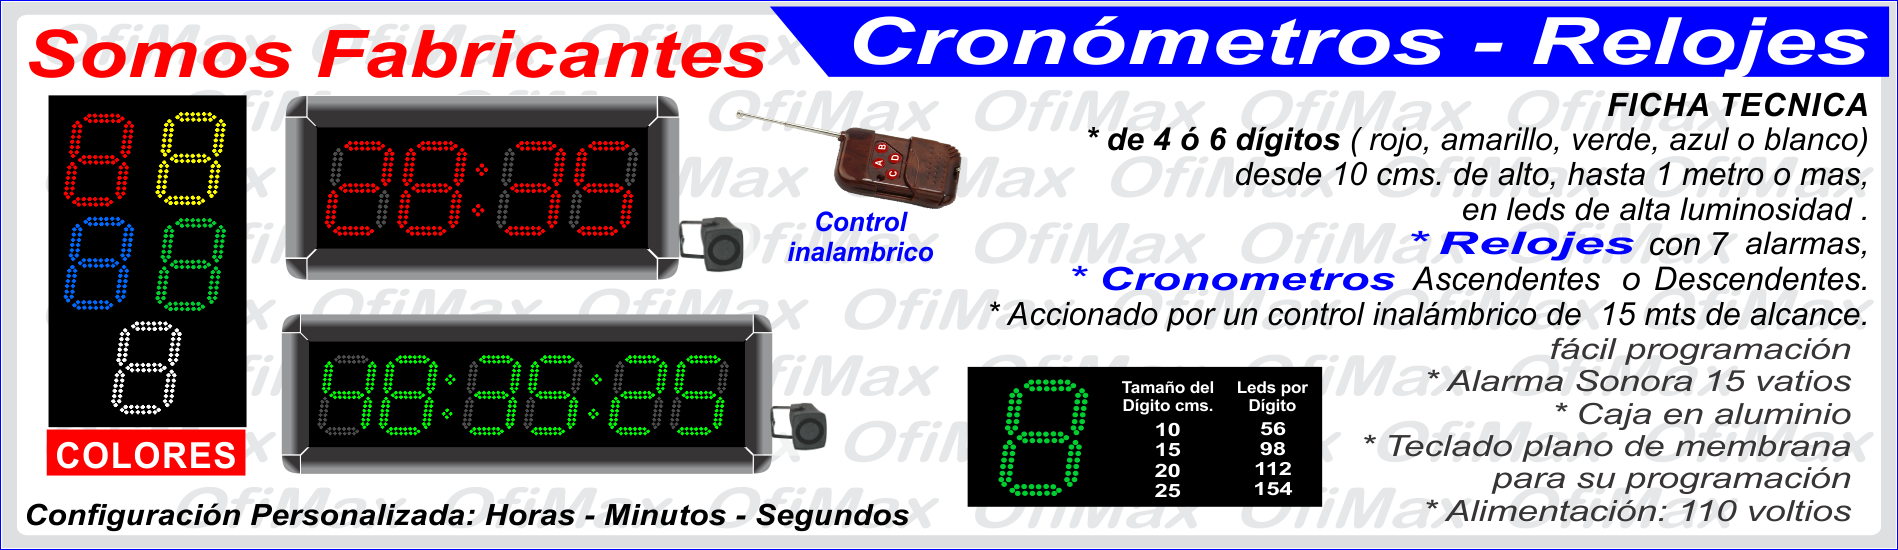 29fc13eada68 fabrica de Relojes y Cronometros industriales